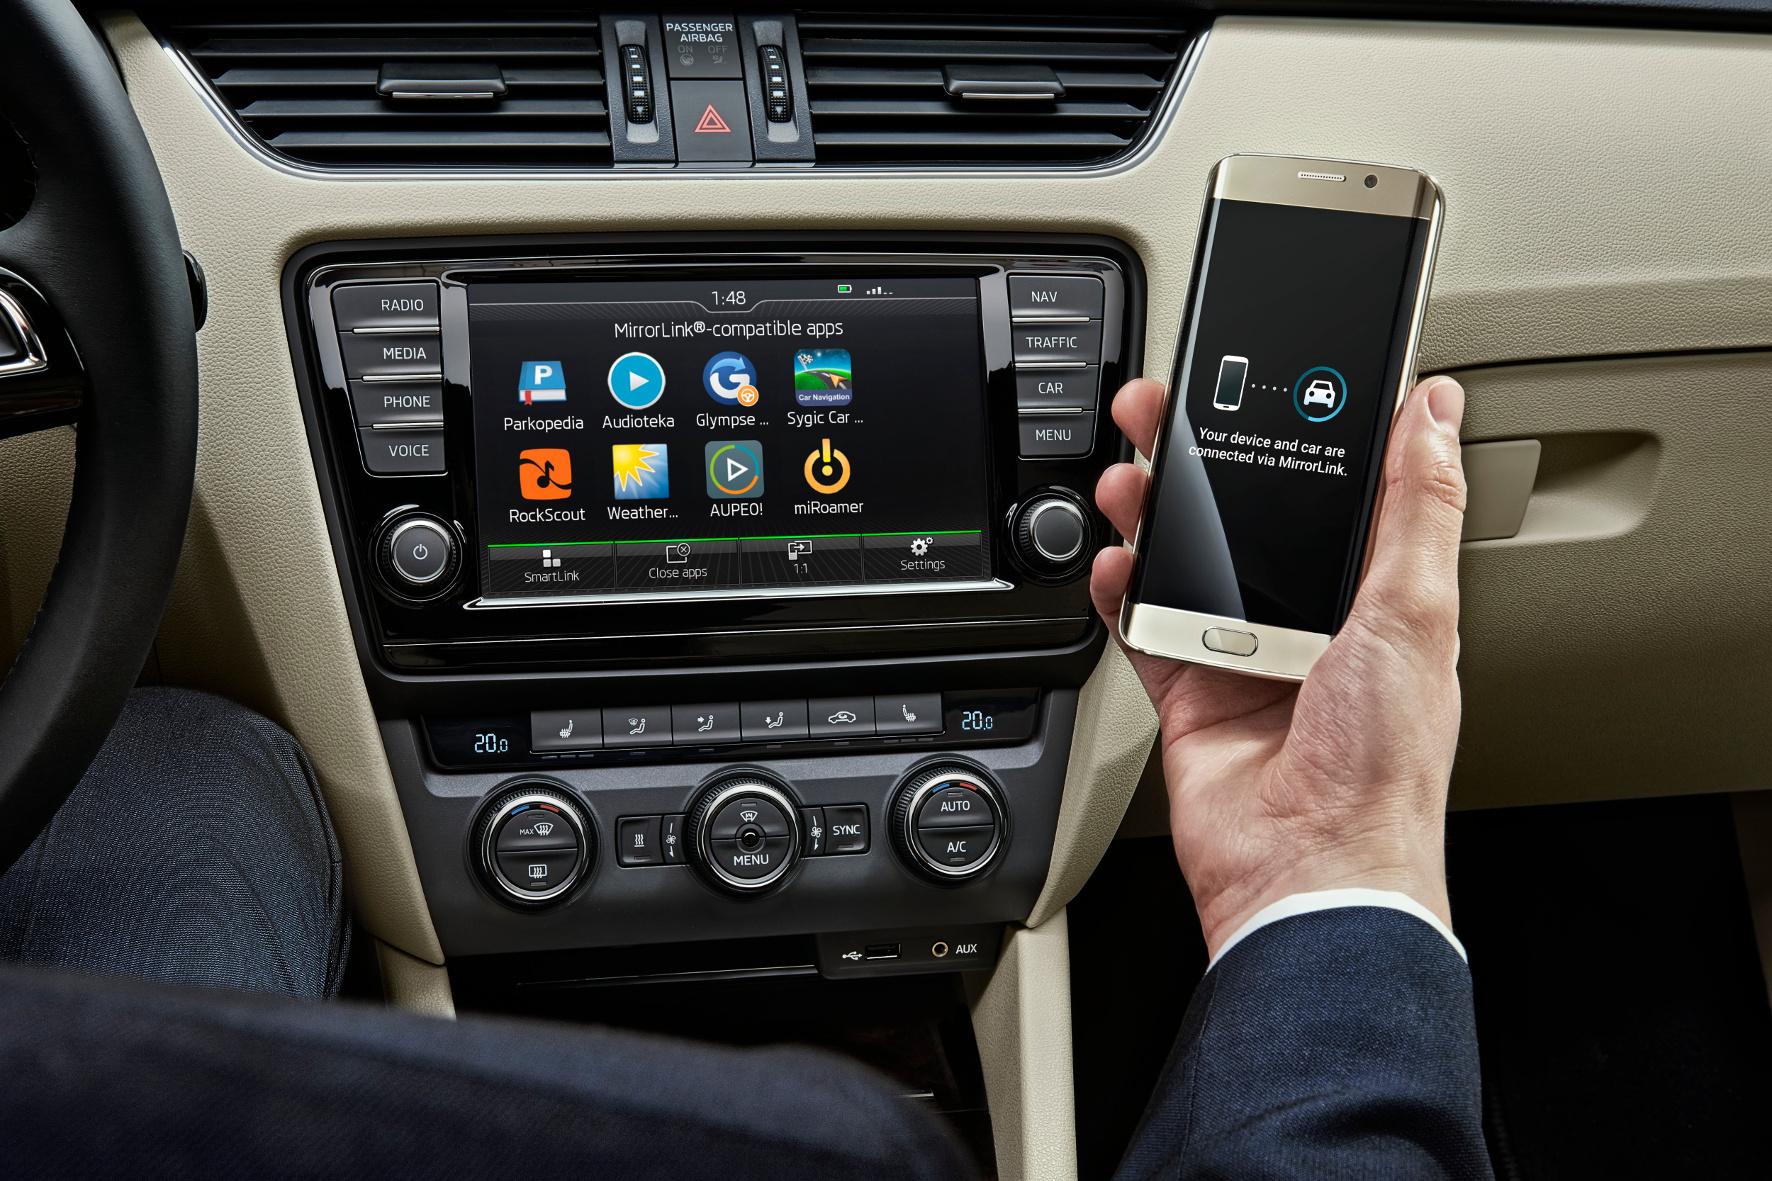 mid Groß-Gerau - Skoda vernetzt Smartphones künftig über WLAN mit dem Infotainment-System im Auto.